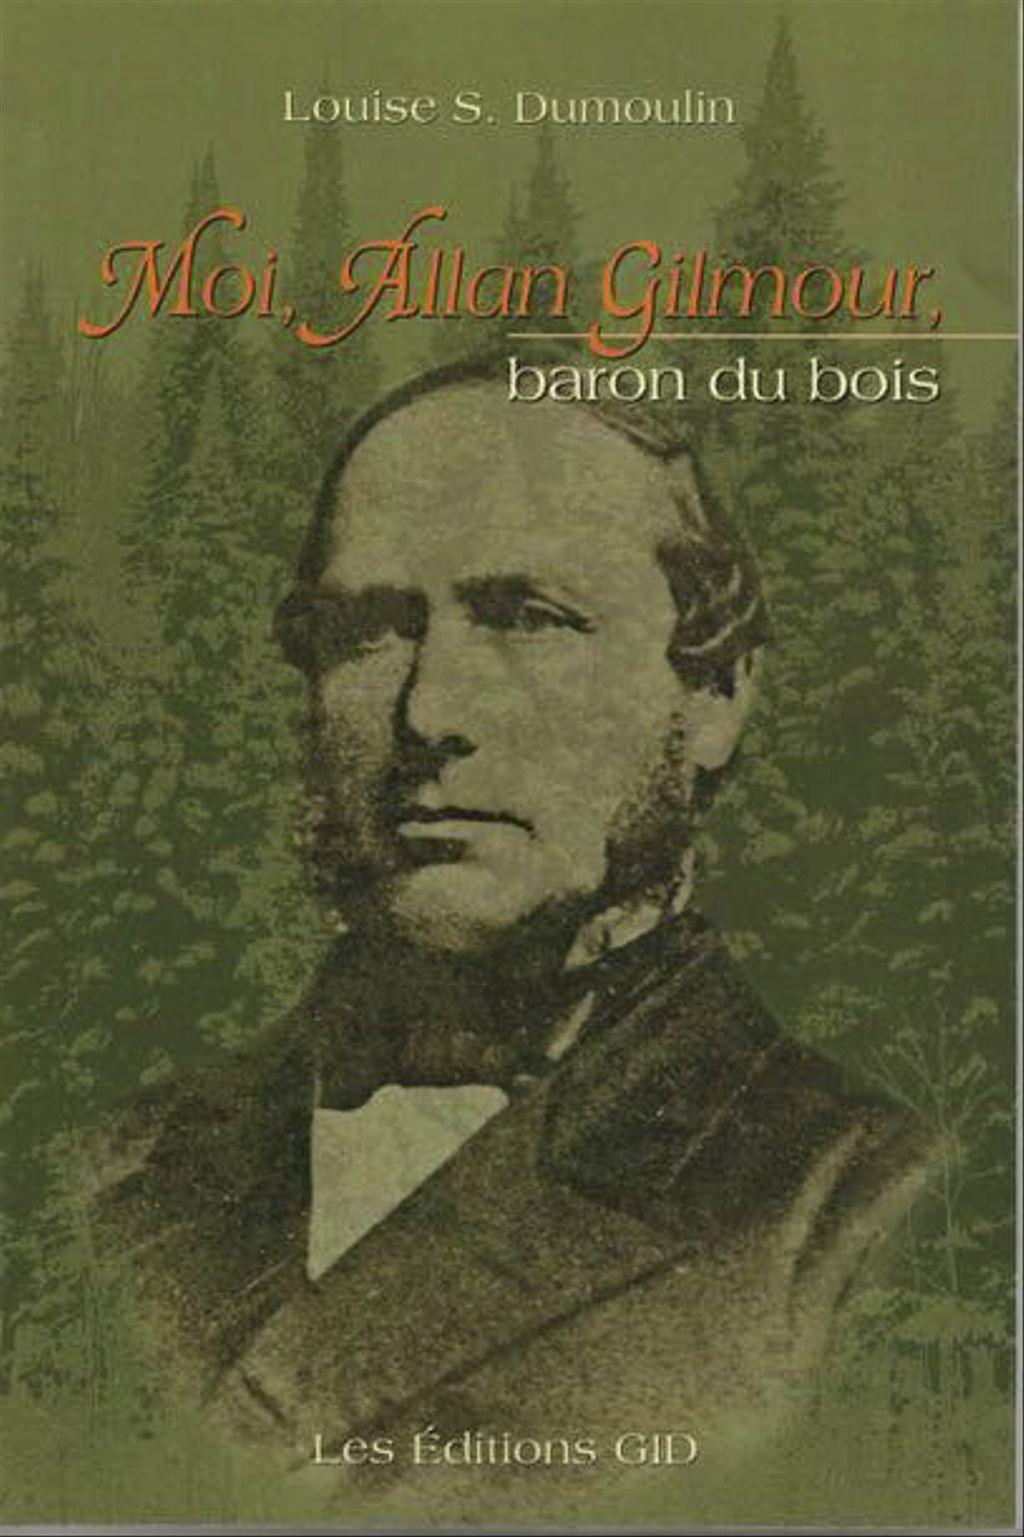 livre - Moi, Allan Gilmour, baron du bois